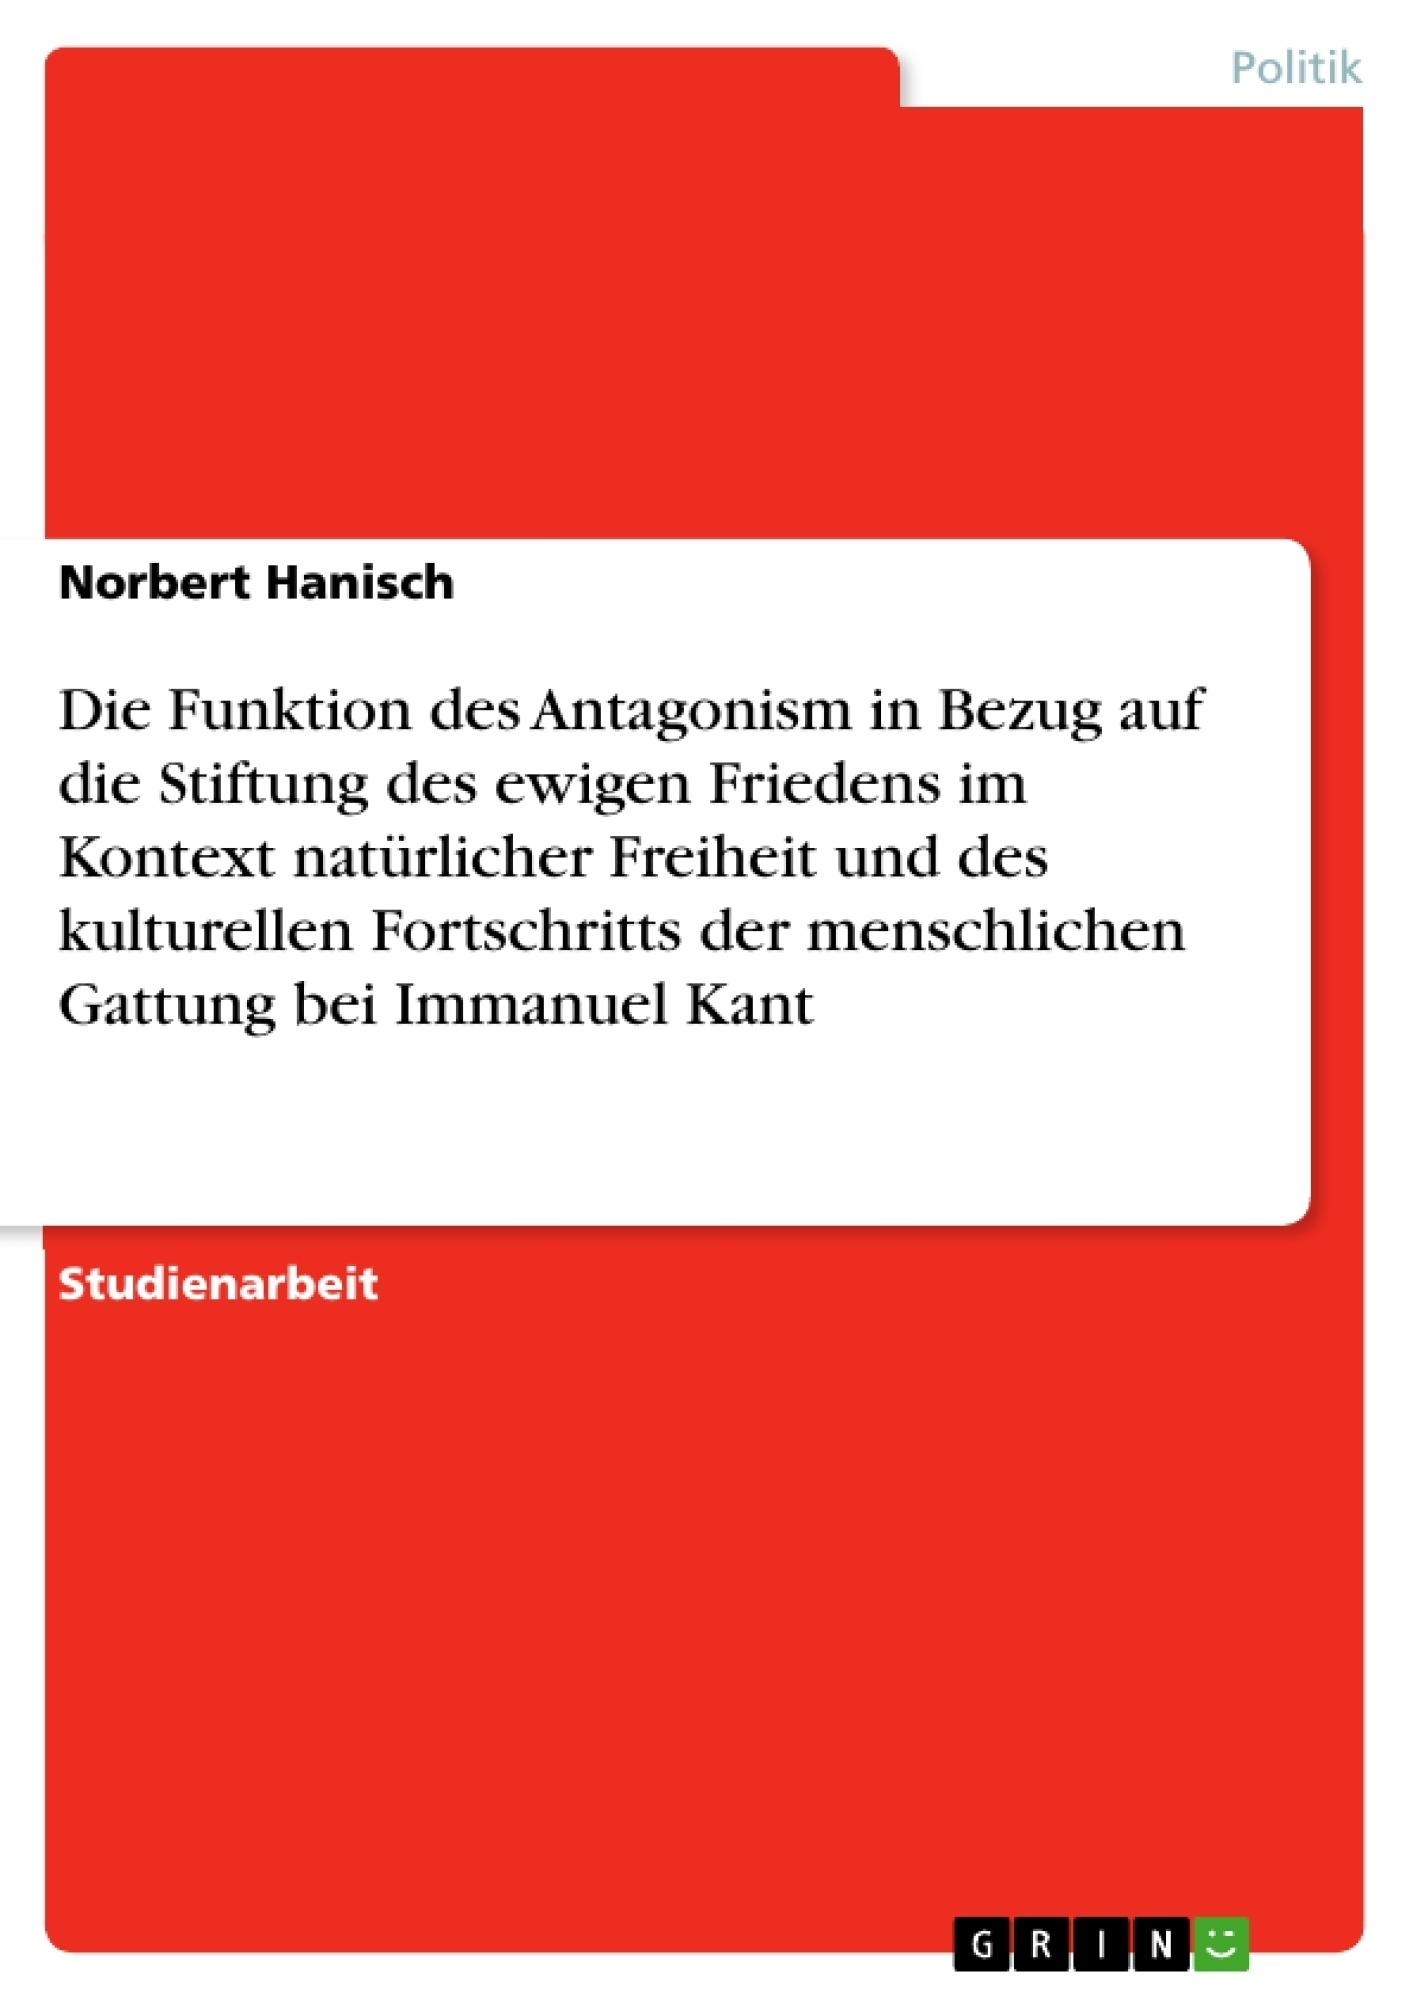 Titel: Die Funktion des Antagonism in Bezug auf die Stiftung des ewigen Friedens im Kontext natürlicher Freiheit und des kulturellen Fortschritts der menschlichen Gattung bei Immanuel Kant